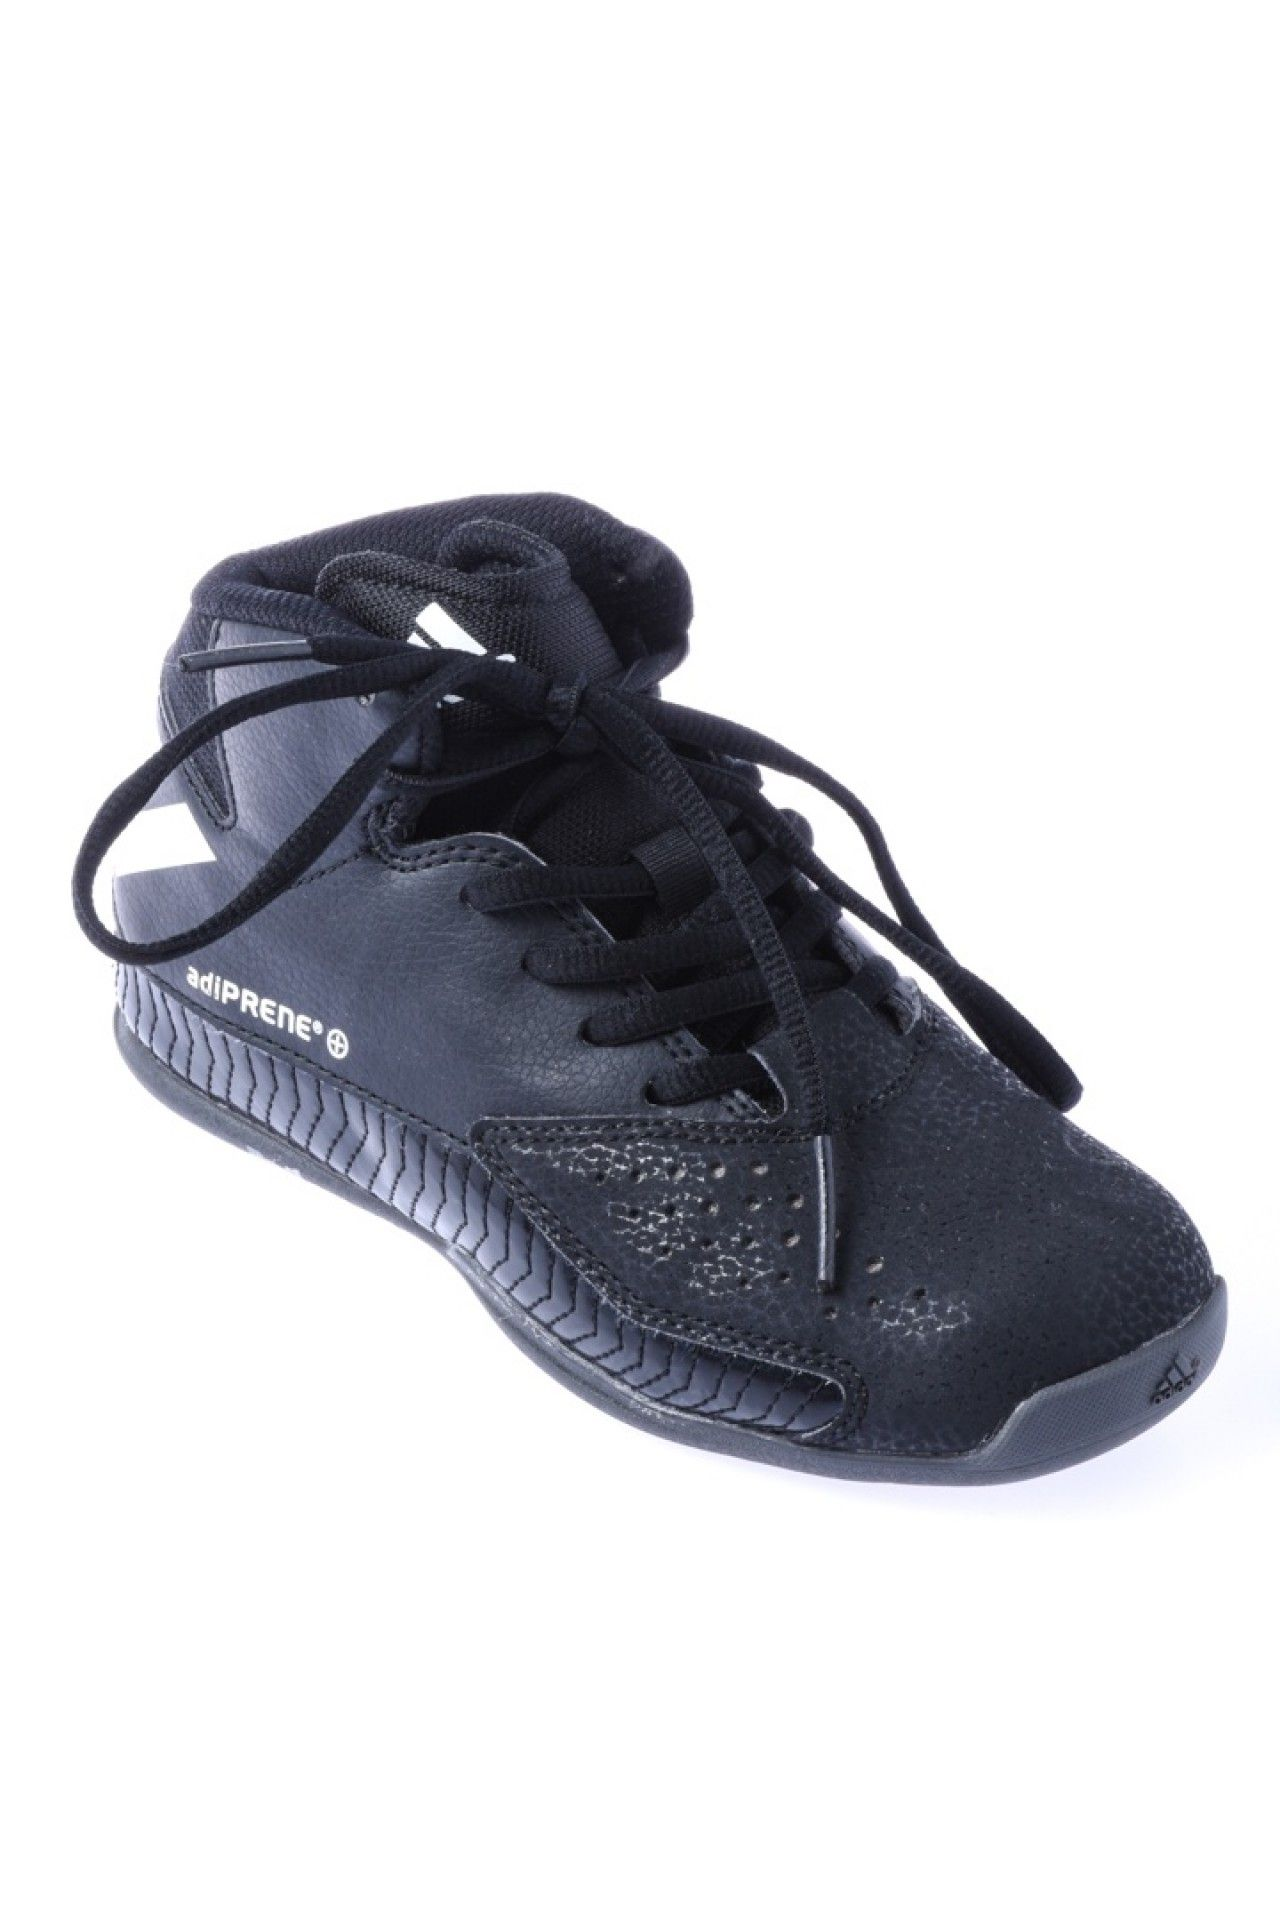 Adidas - Tênis Preto Listras - Foto 1